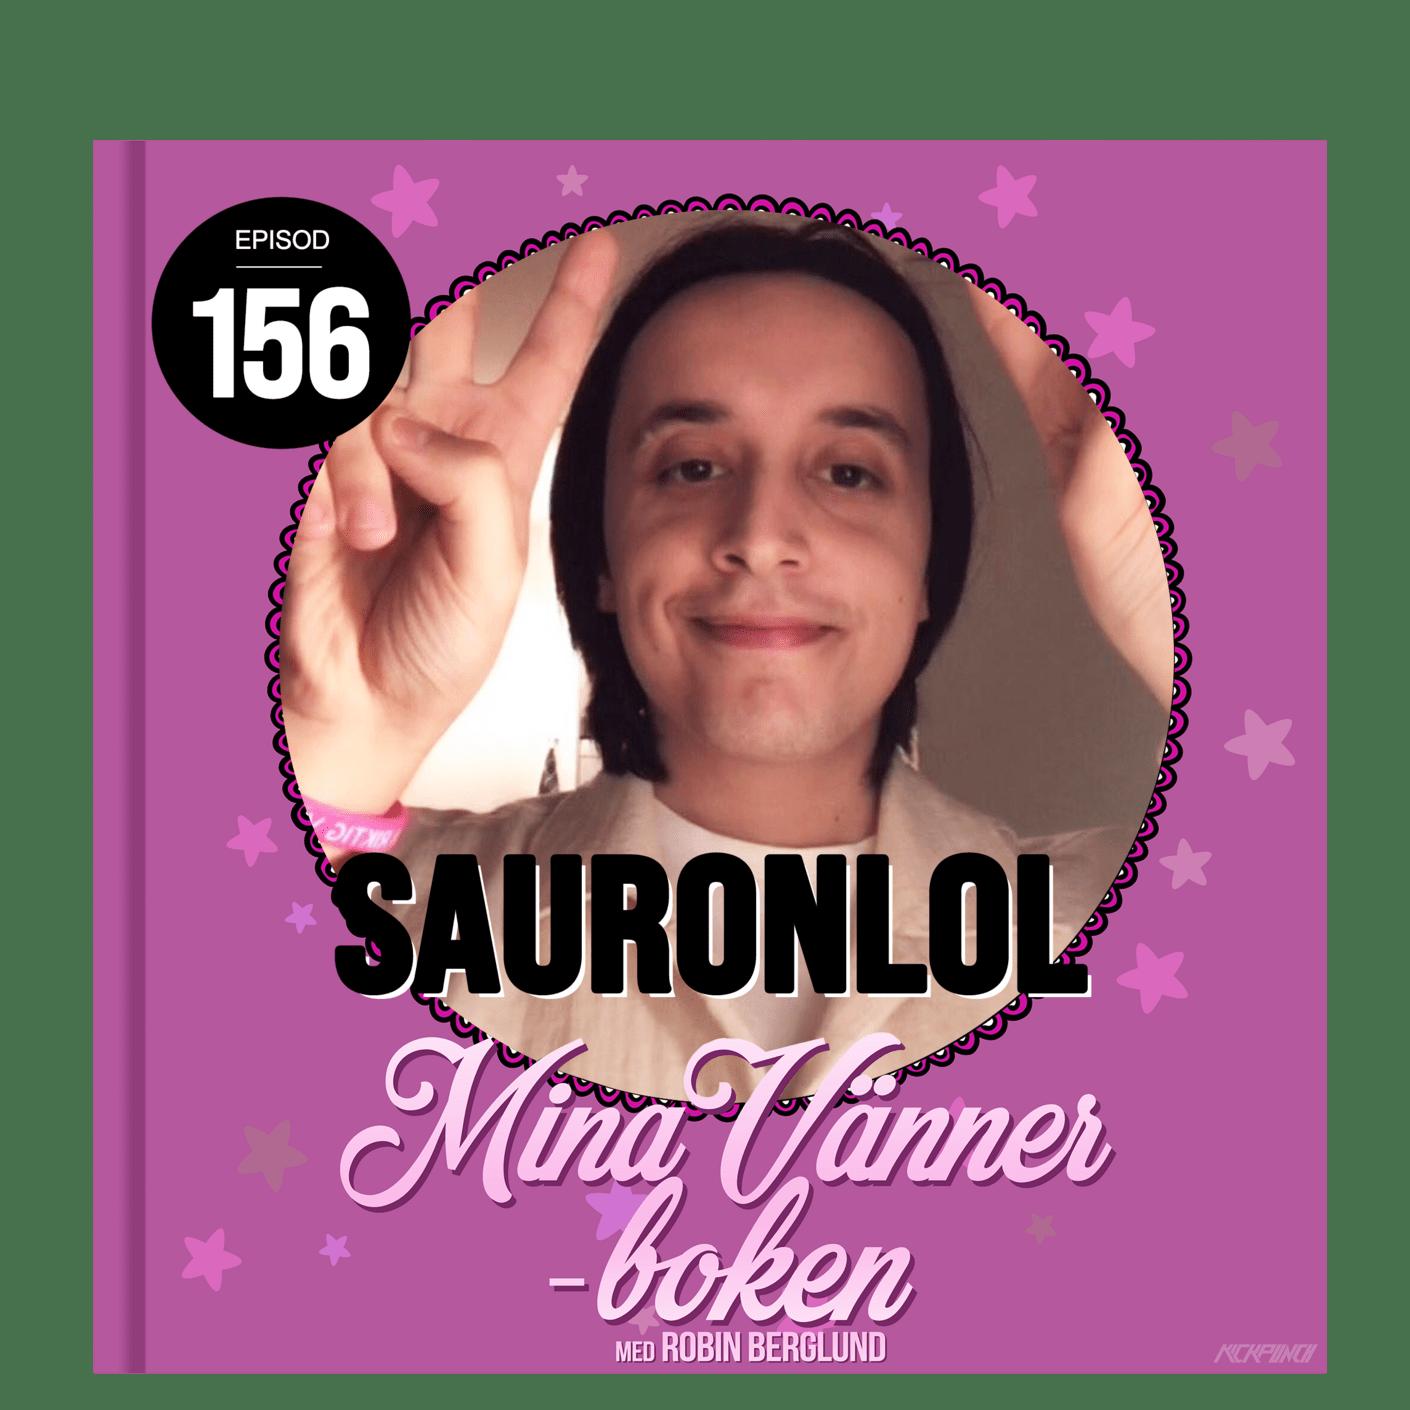 156. Sauronlol